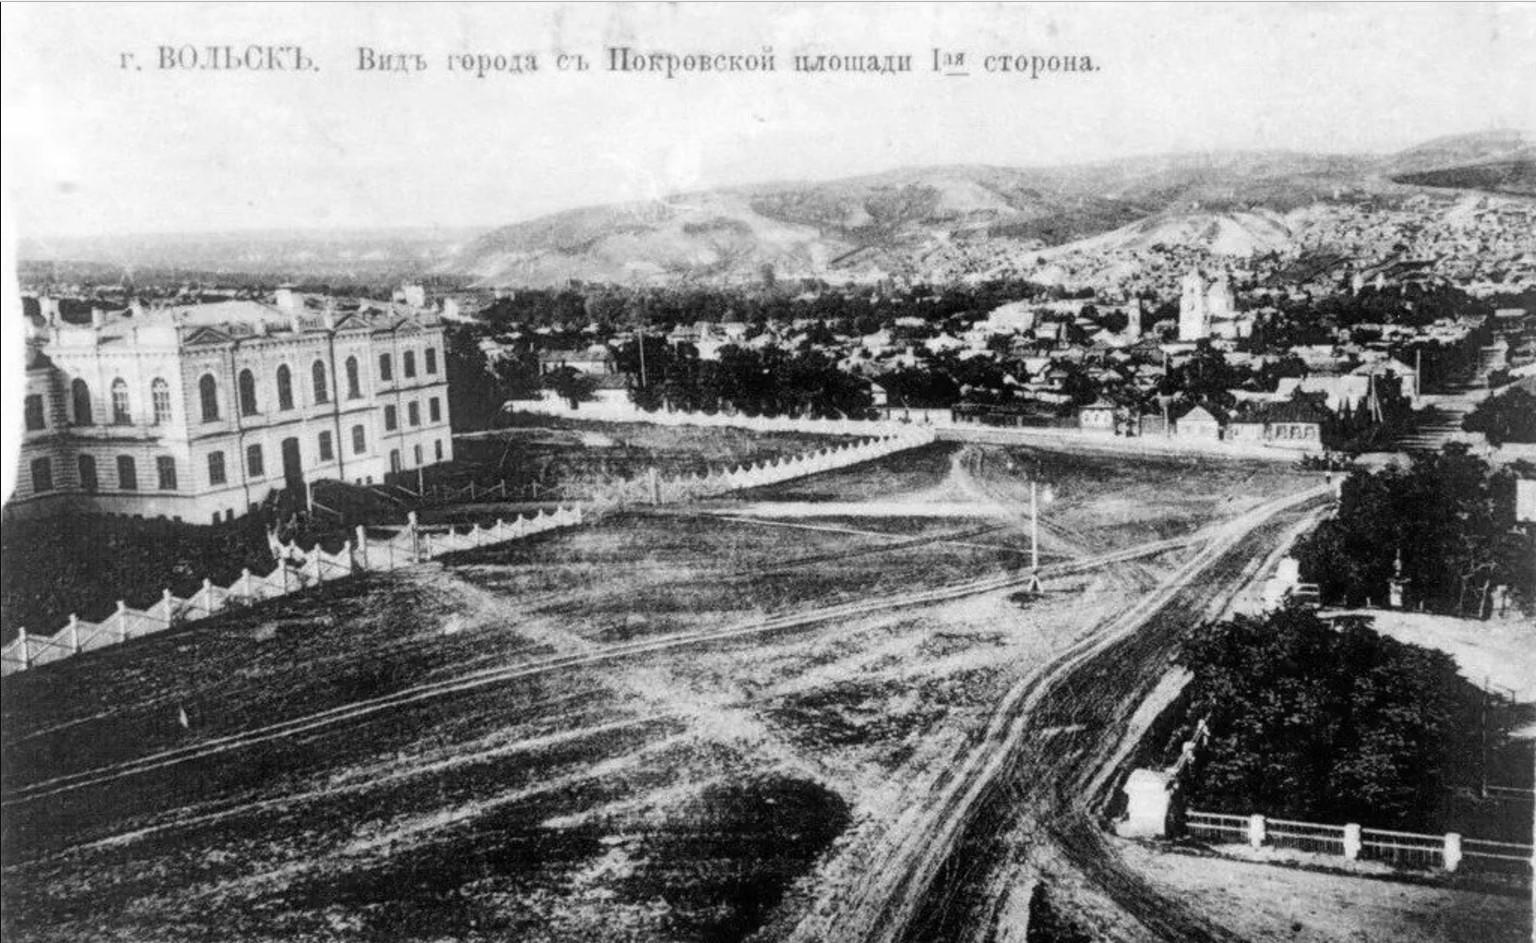 Вид города с Покровской площади